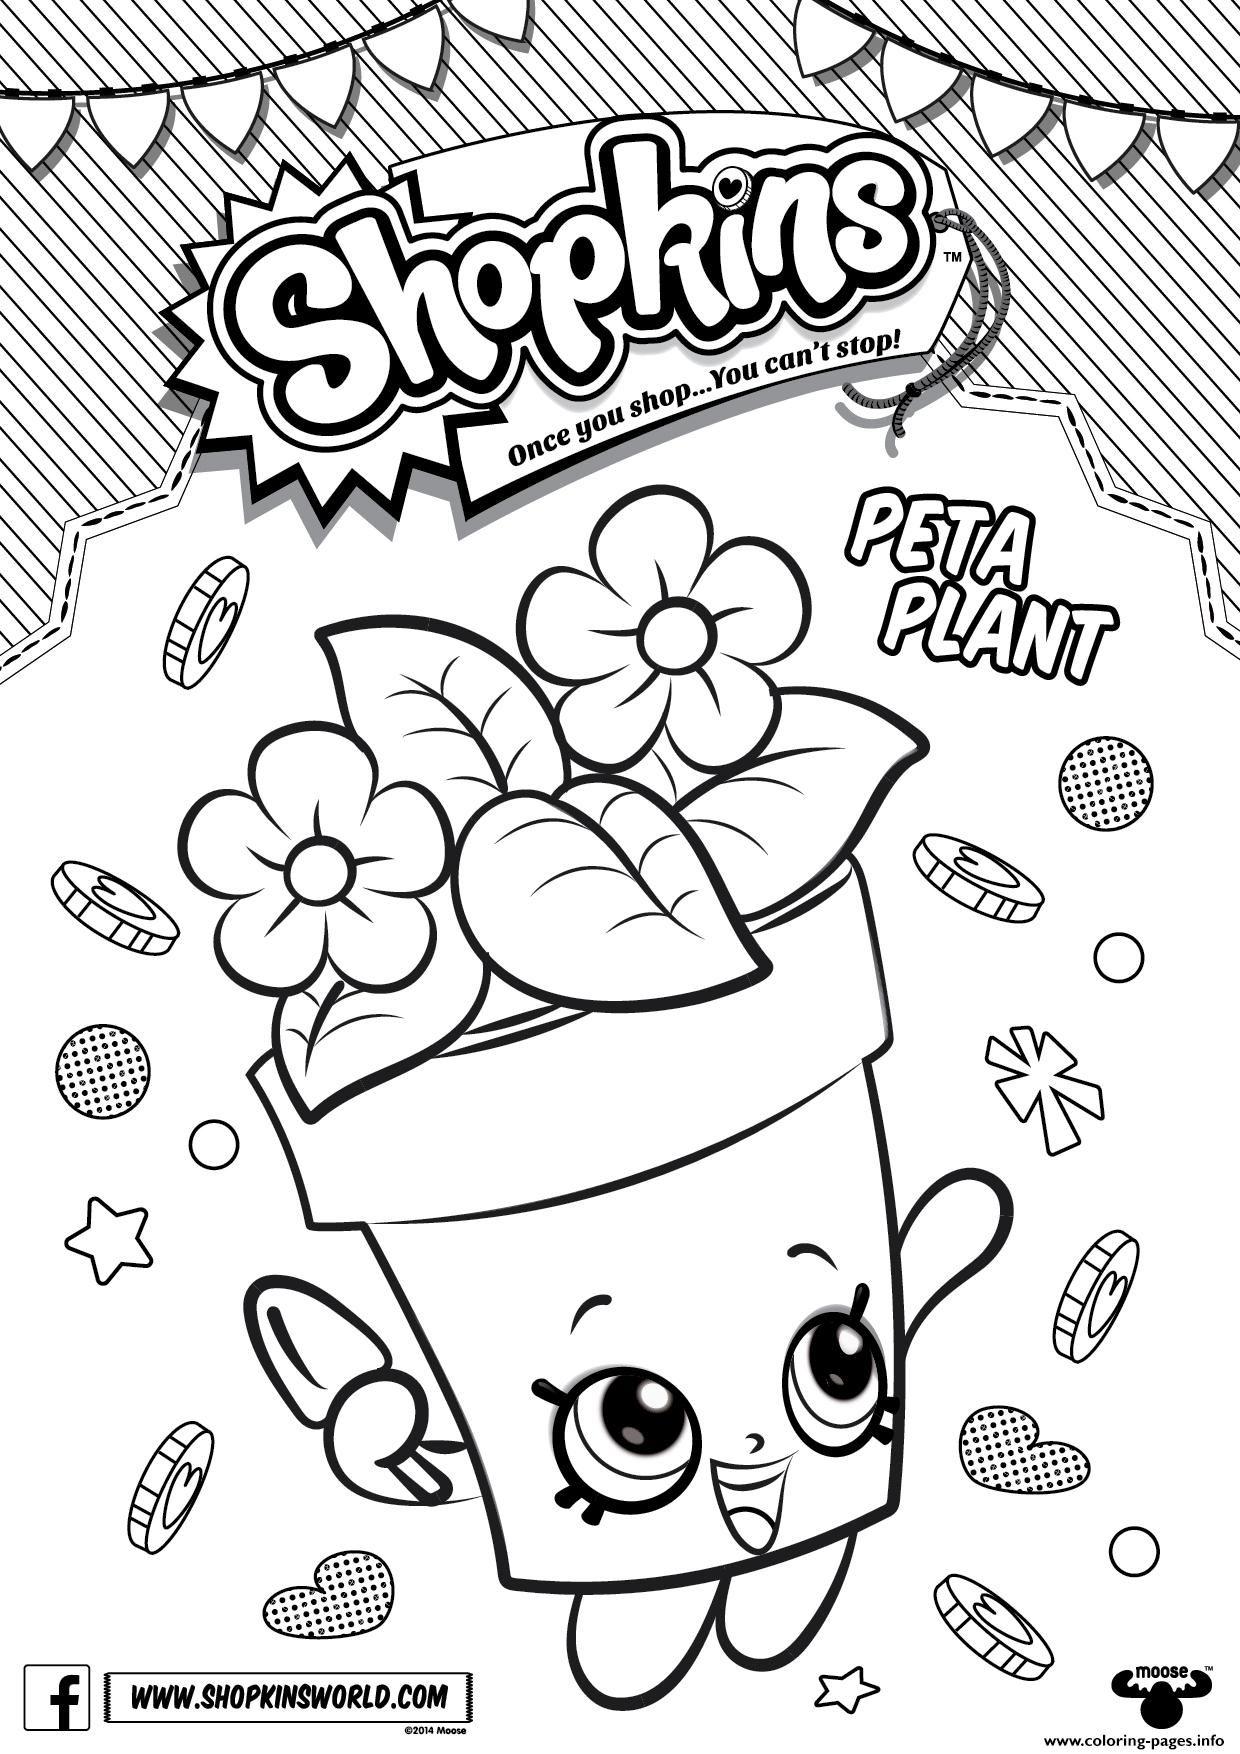 Print Shopkins Peta Plant Coloring Pages